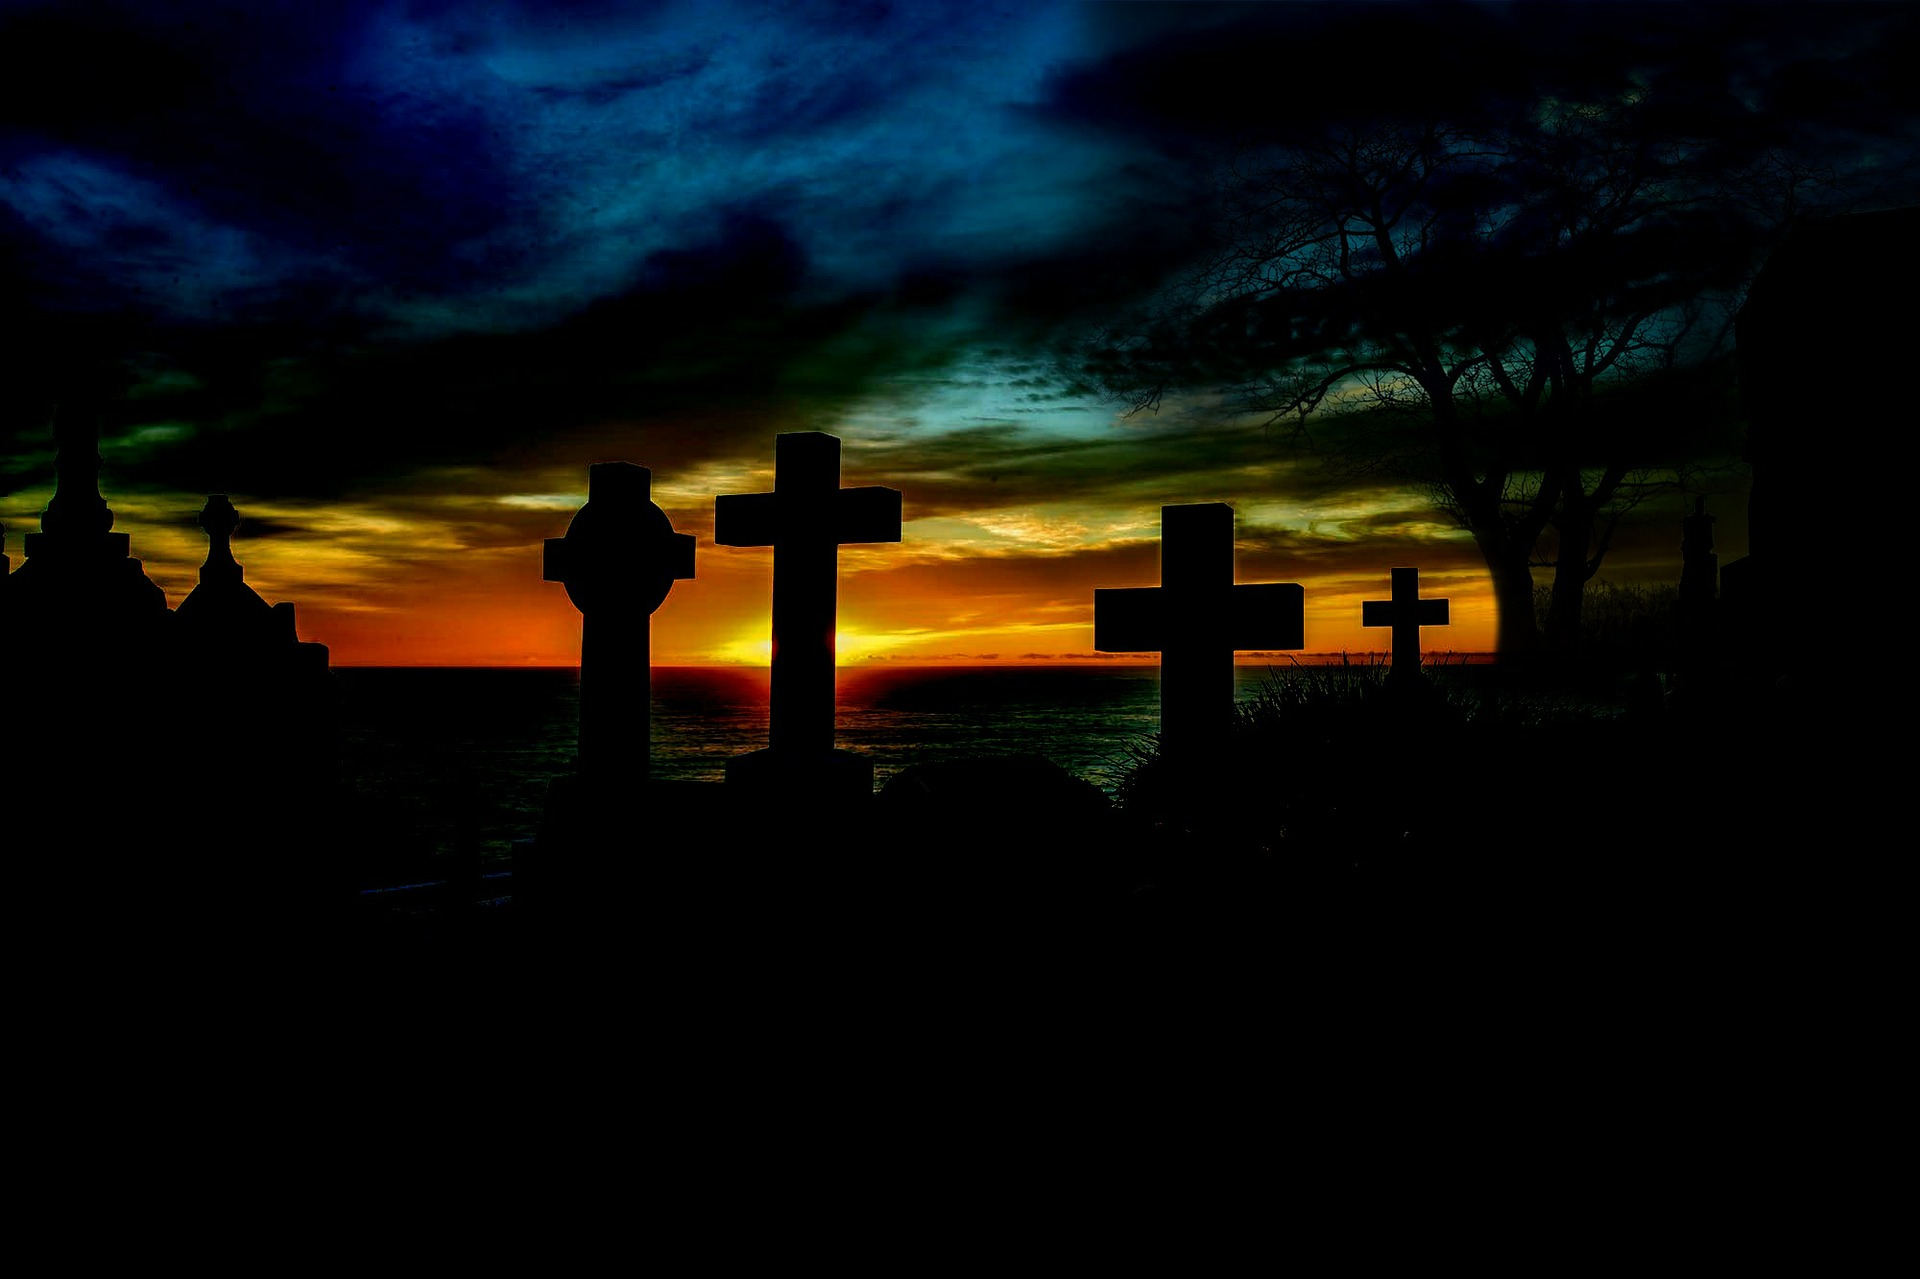 sunrise-426085_1920.jpg